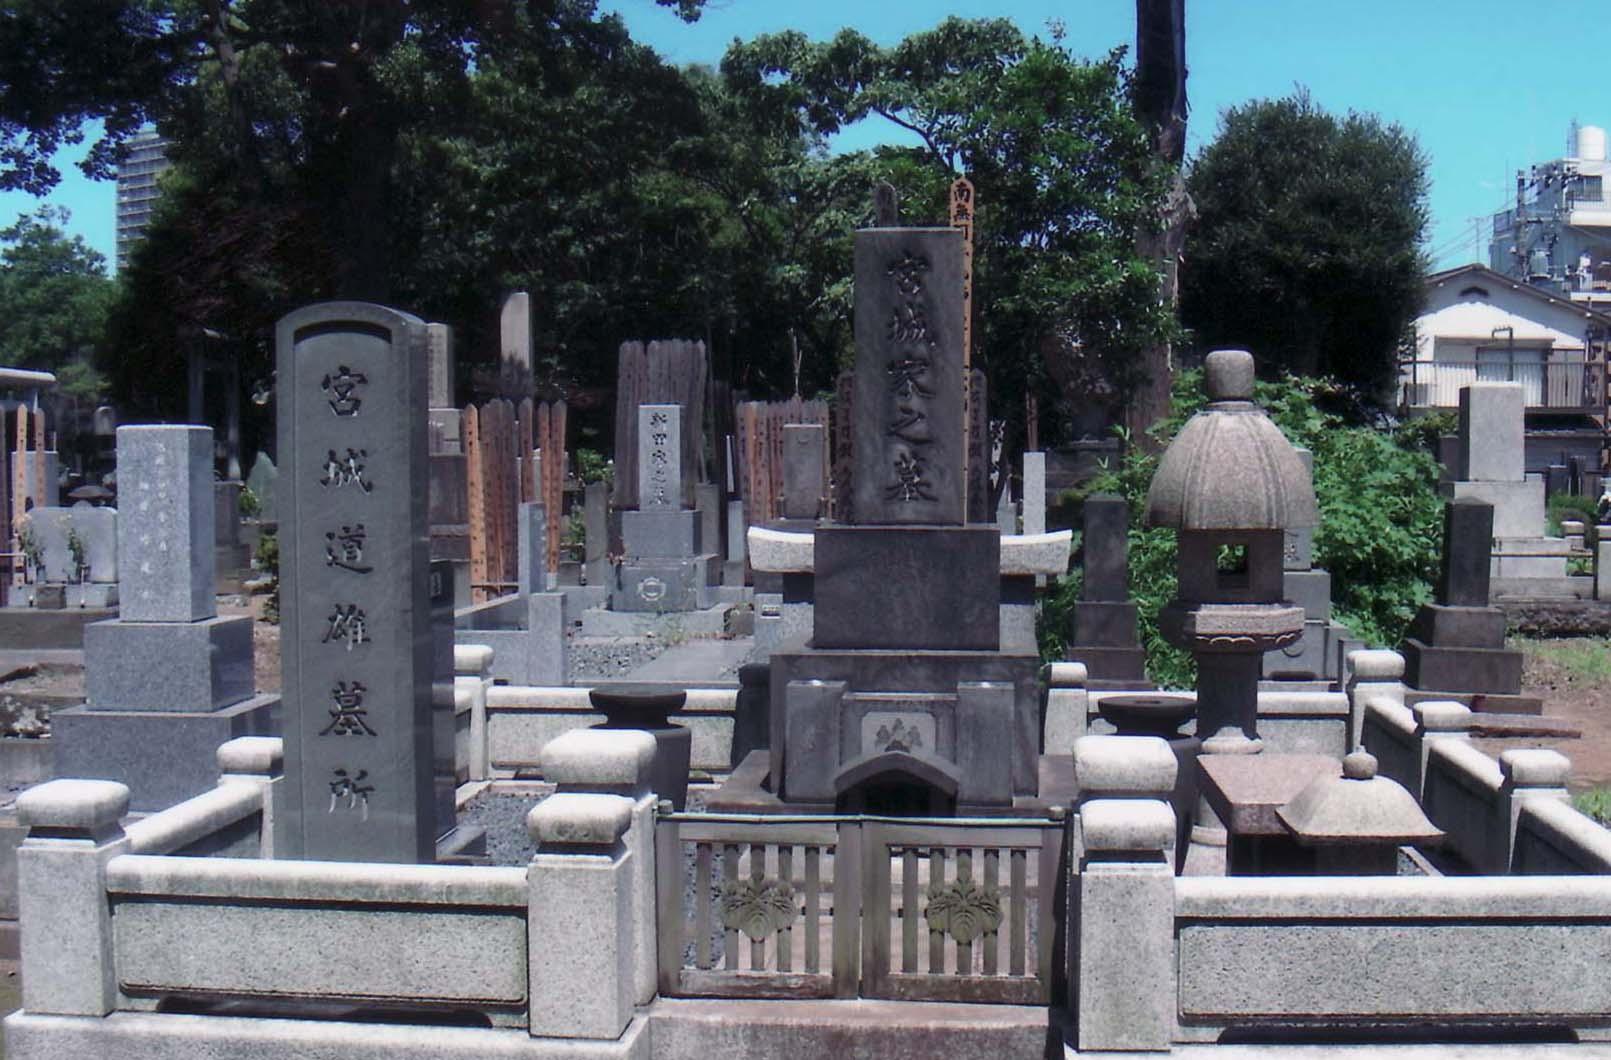 Mr. Miyagi's cemetery